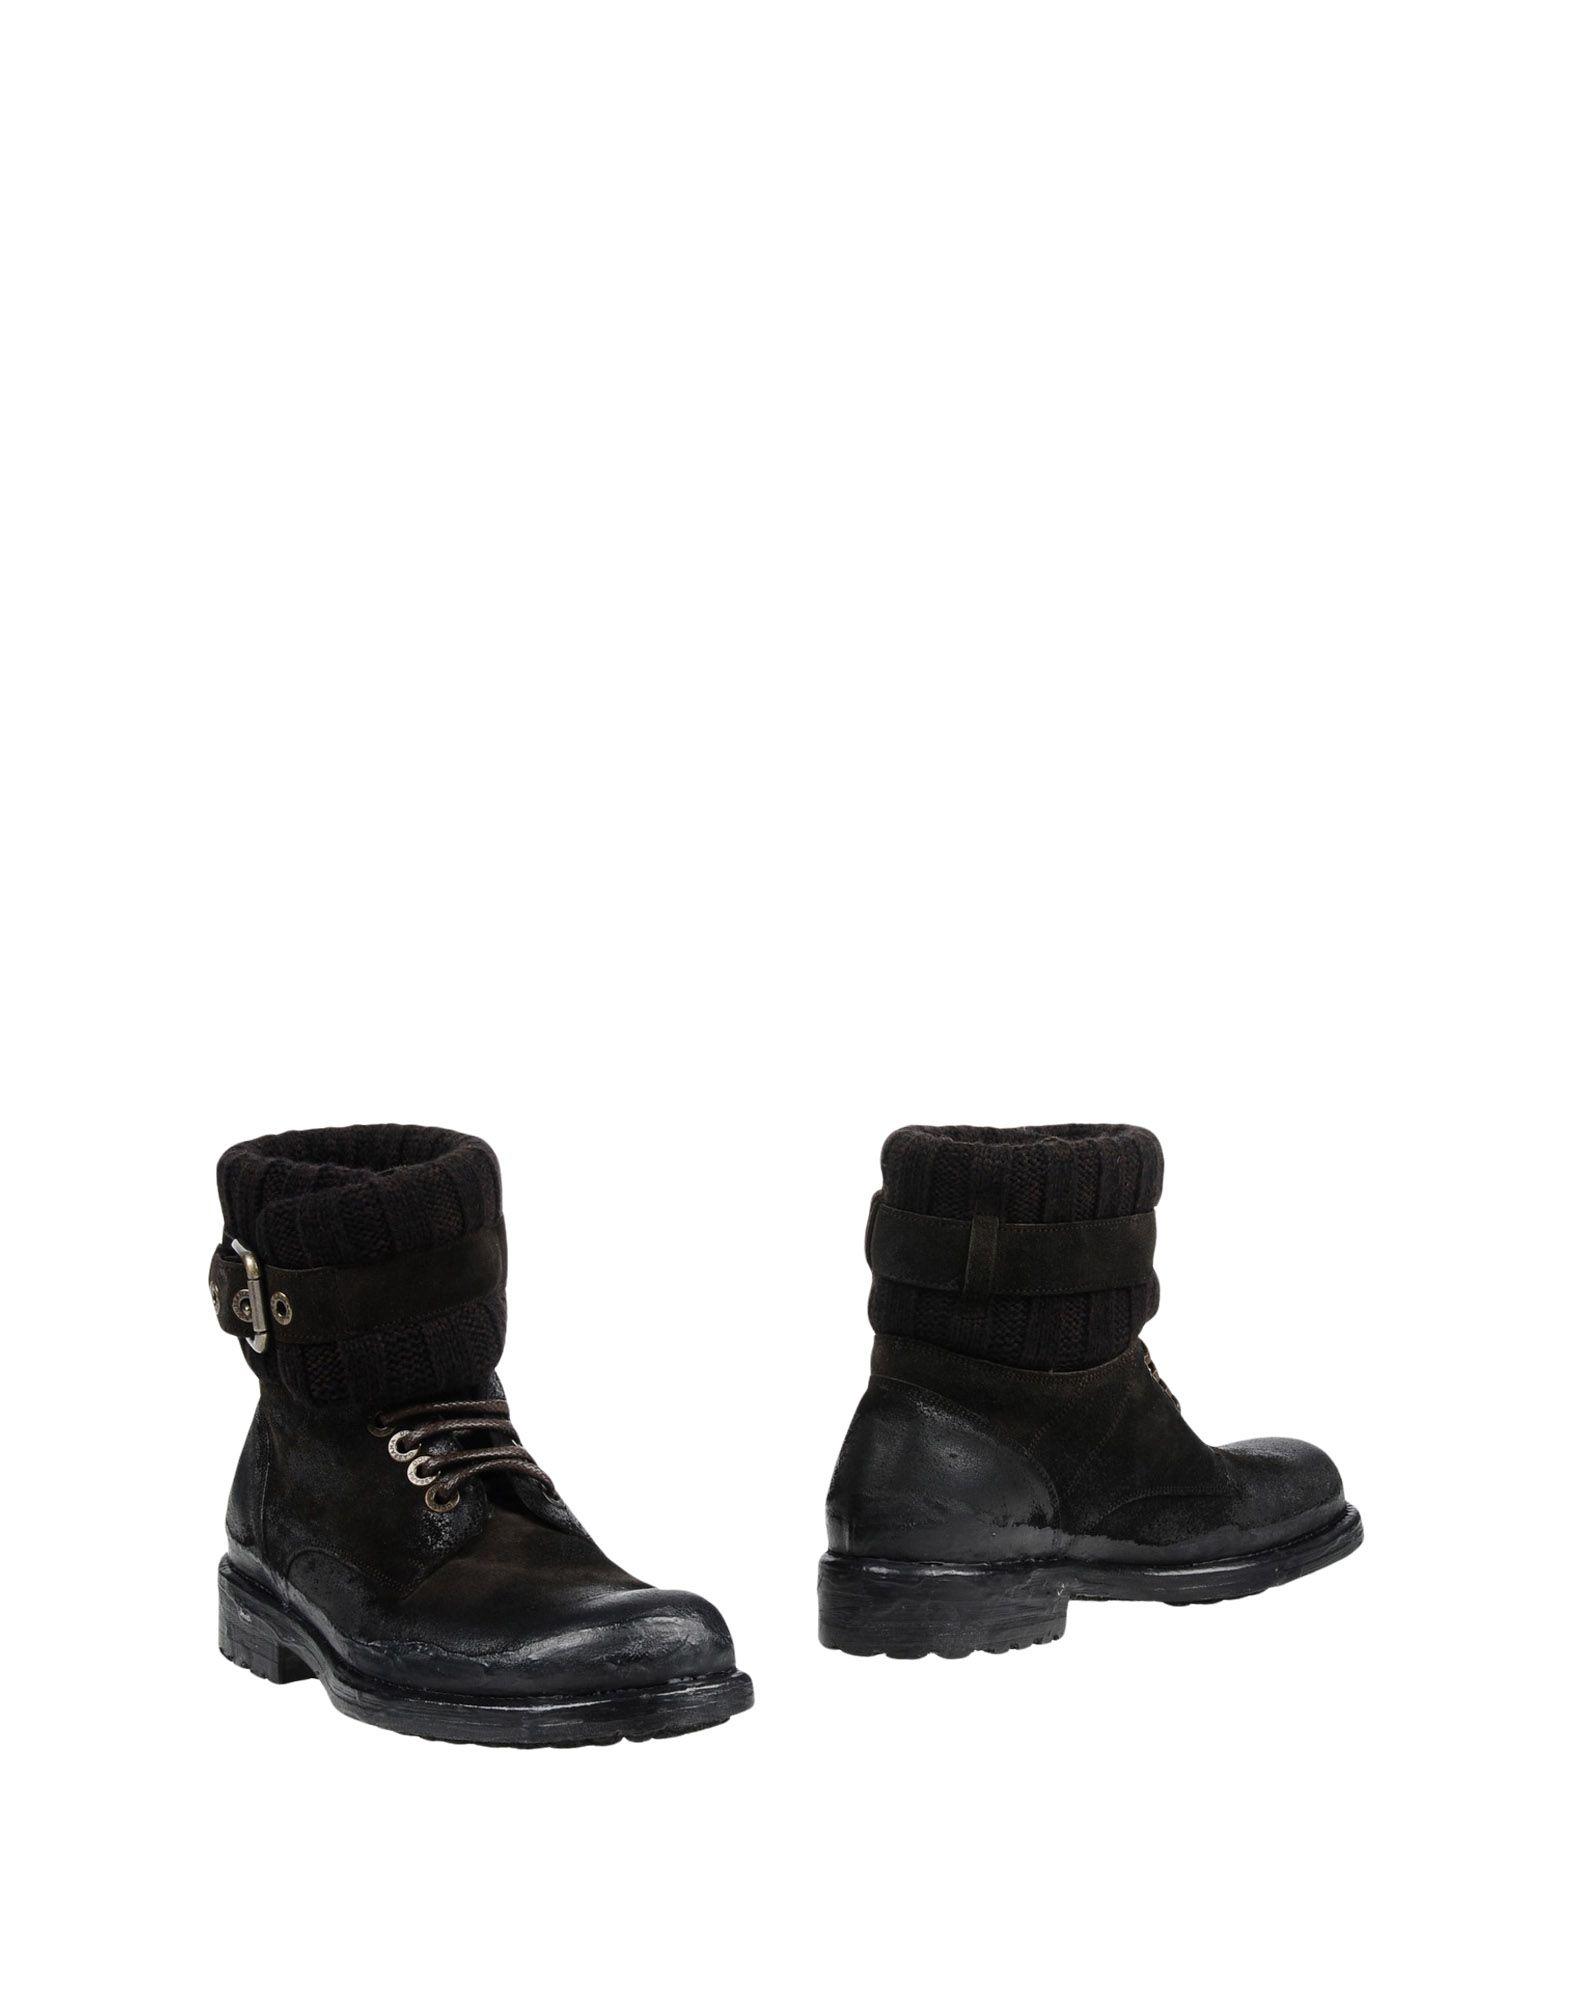 Dolce & Gabbana Stiefelette Herren  11428466RD Gute Qualität beliebte Schuhe